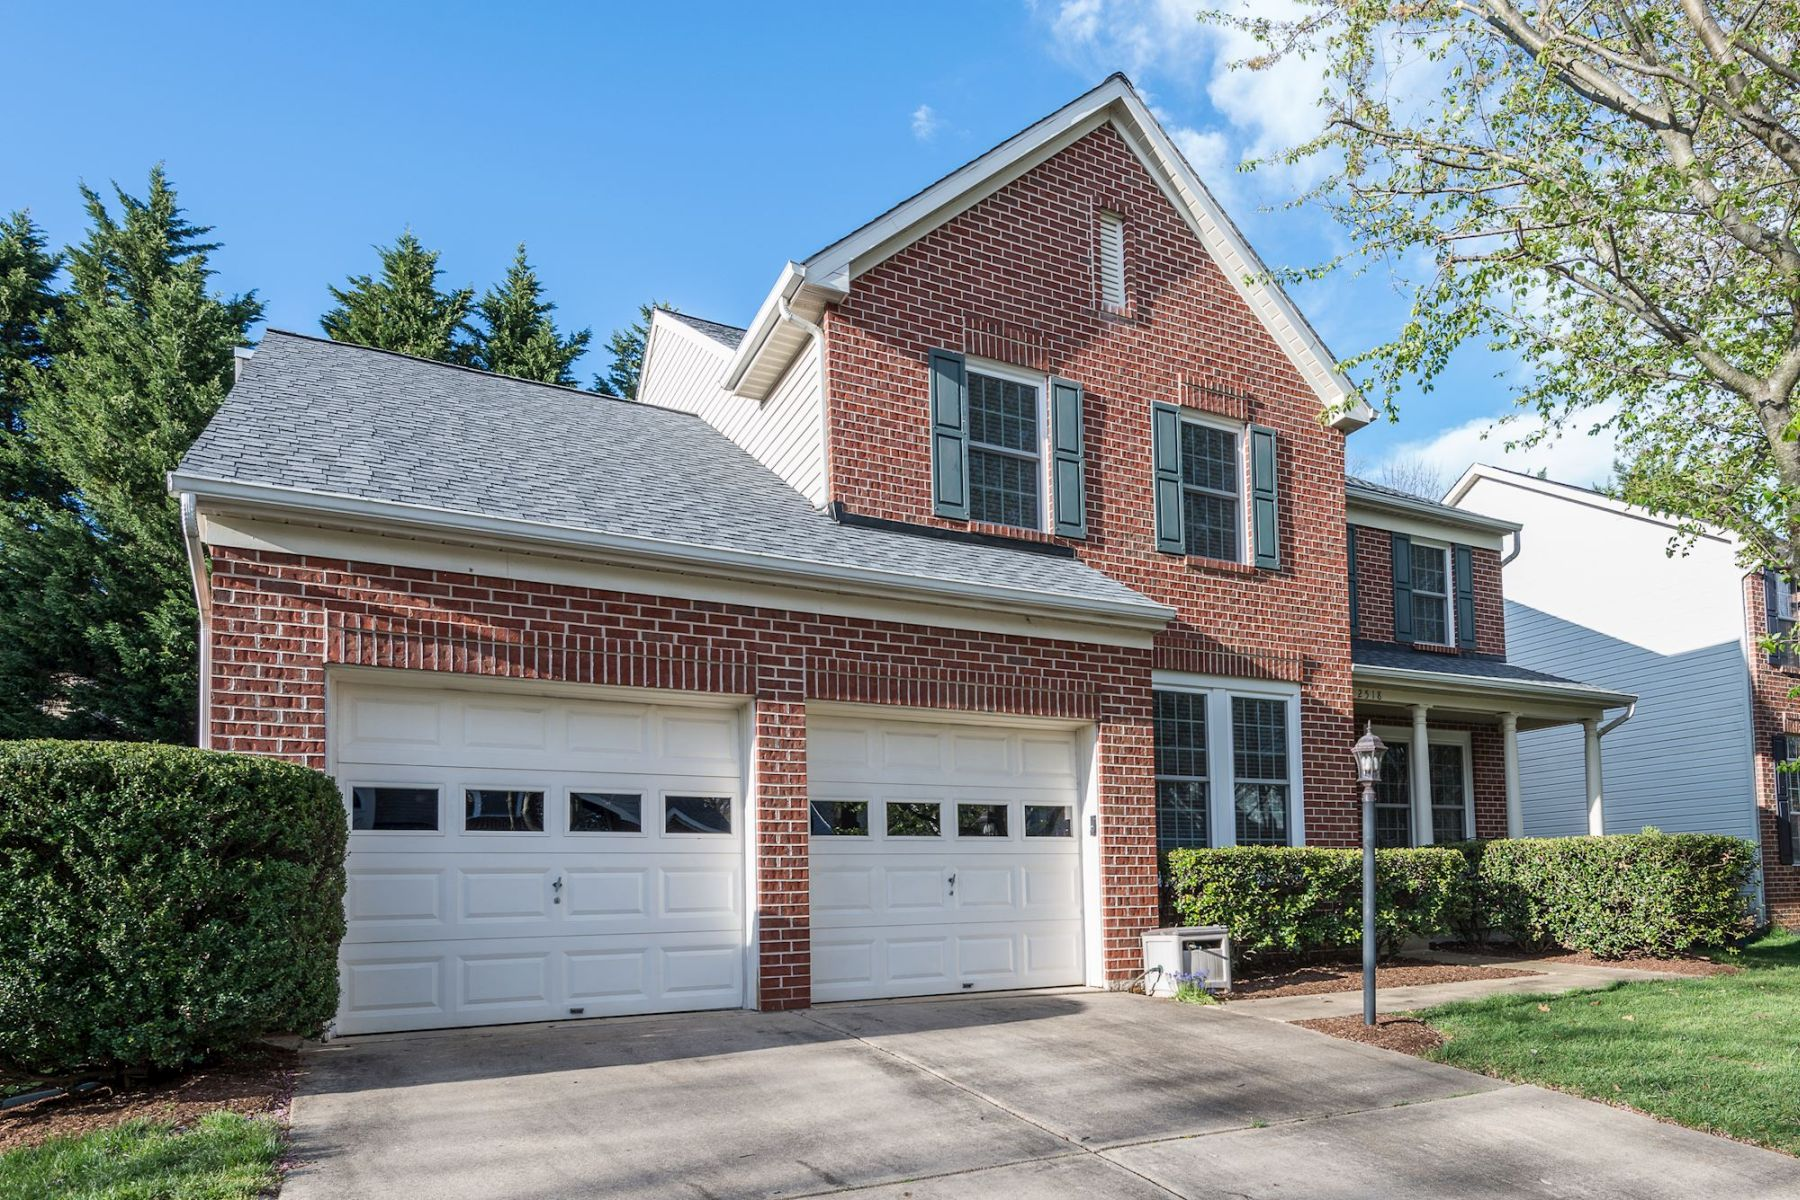 一戸建て のために 売買 アット 2518 Chelmsford Drive, Crofton Crofton, メリーランド 21114 アメリカ合衆国